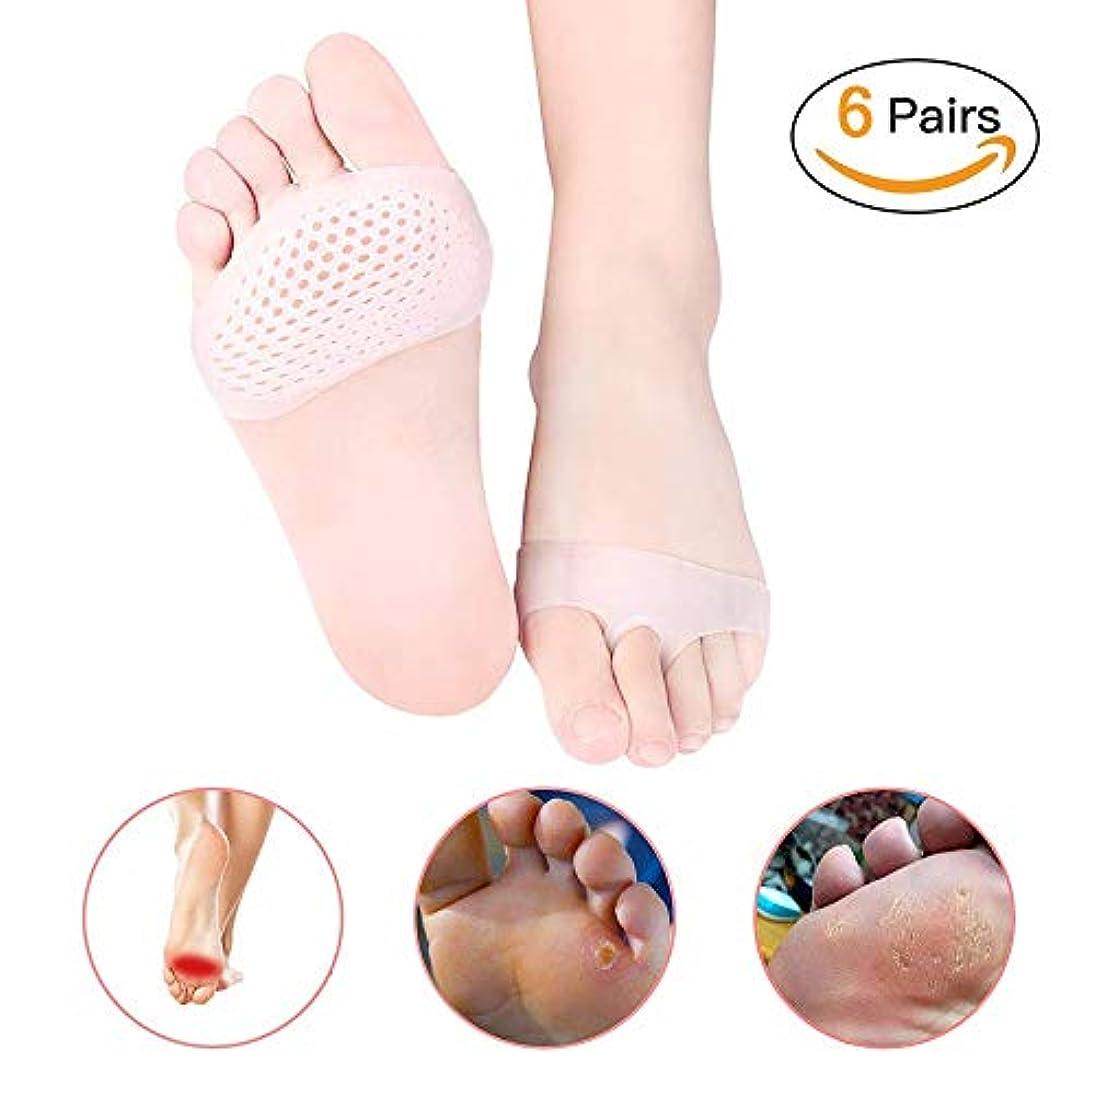 系統的アート足ボールオブフットクッションキット女性と男性用中足パッド、前足の痛みを和らげ、大きすぎる靴、ハイキング、ウォーキングに最適White-6 Pairs